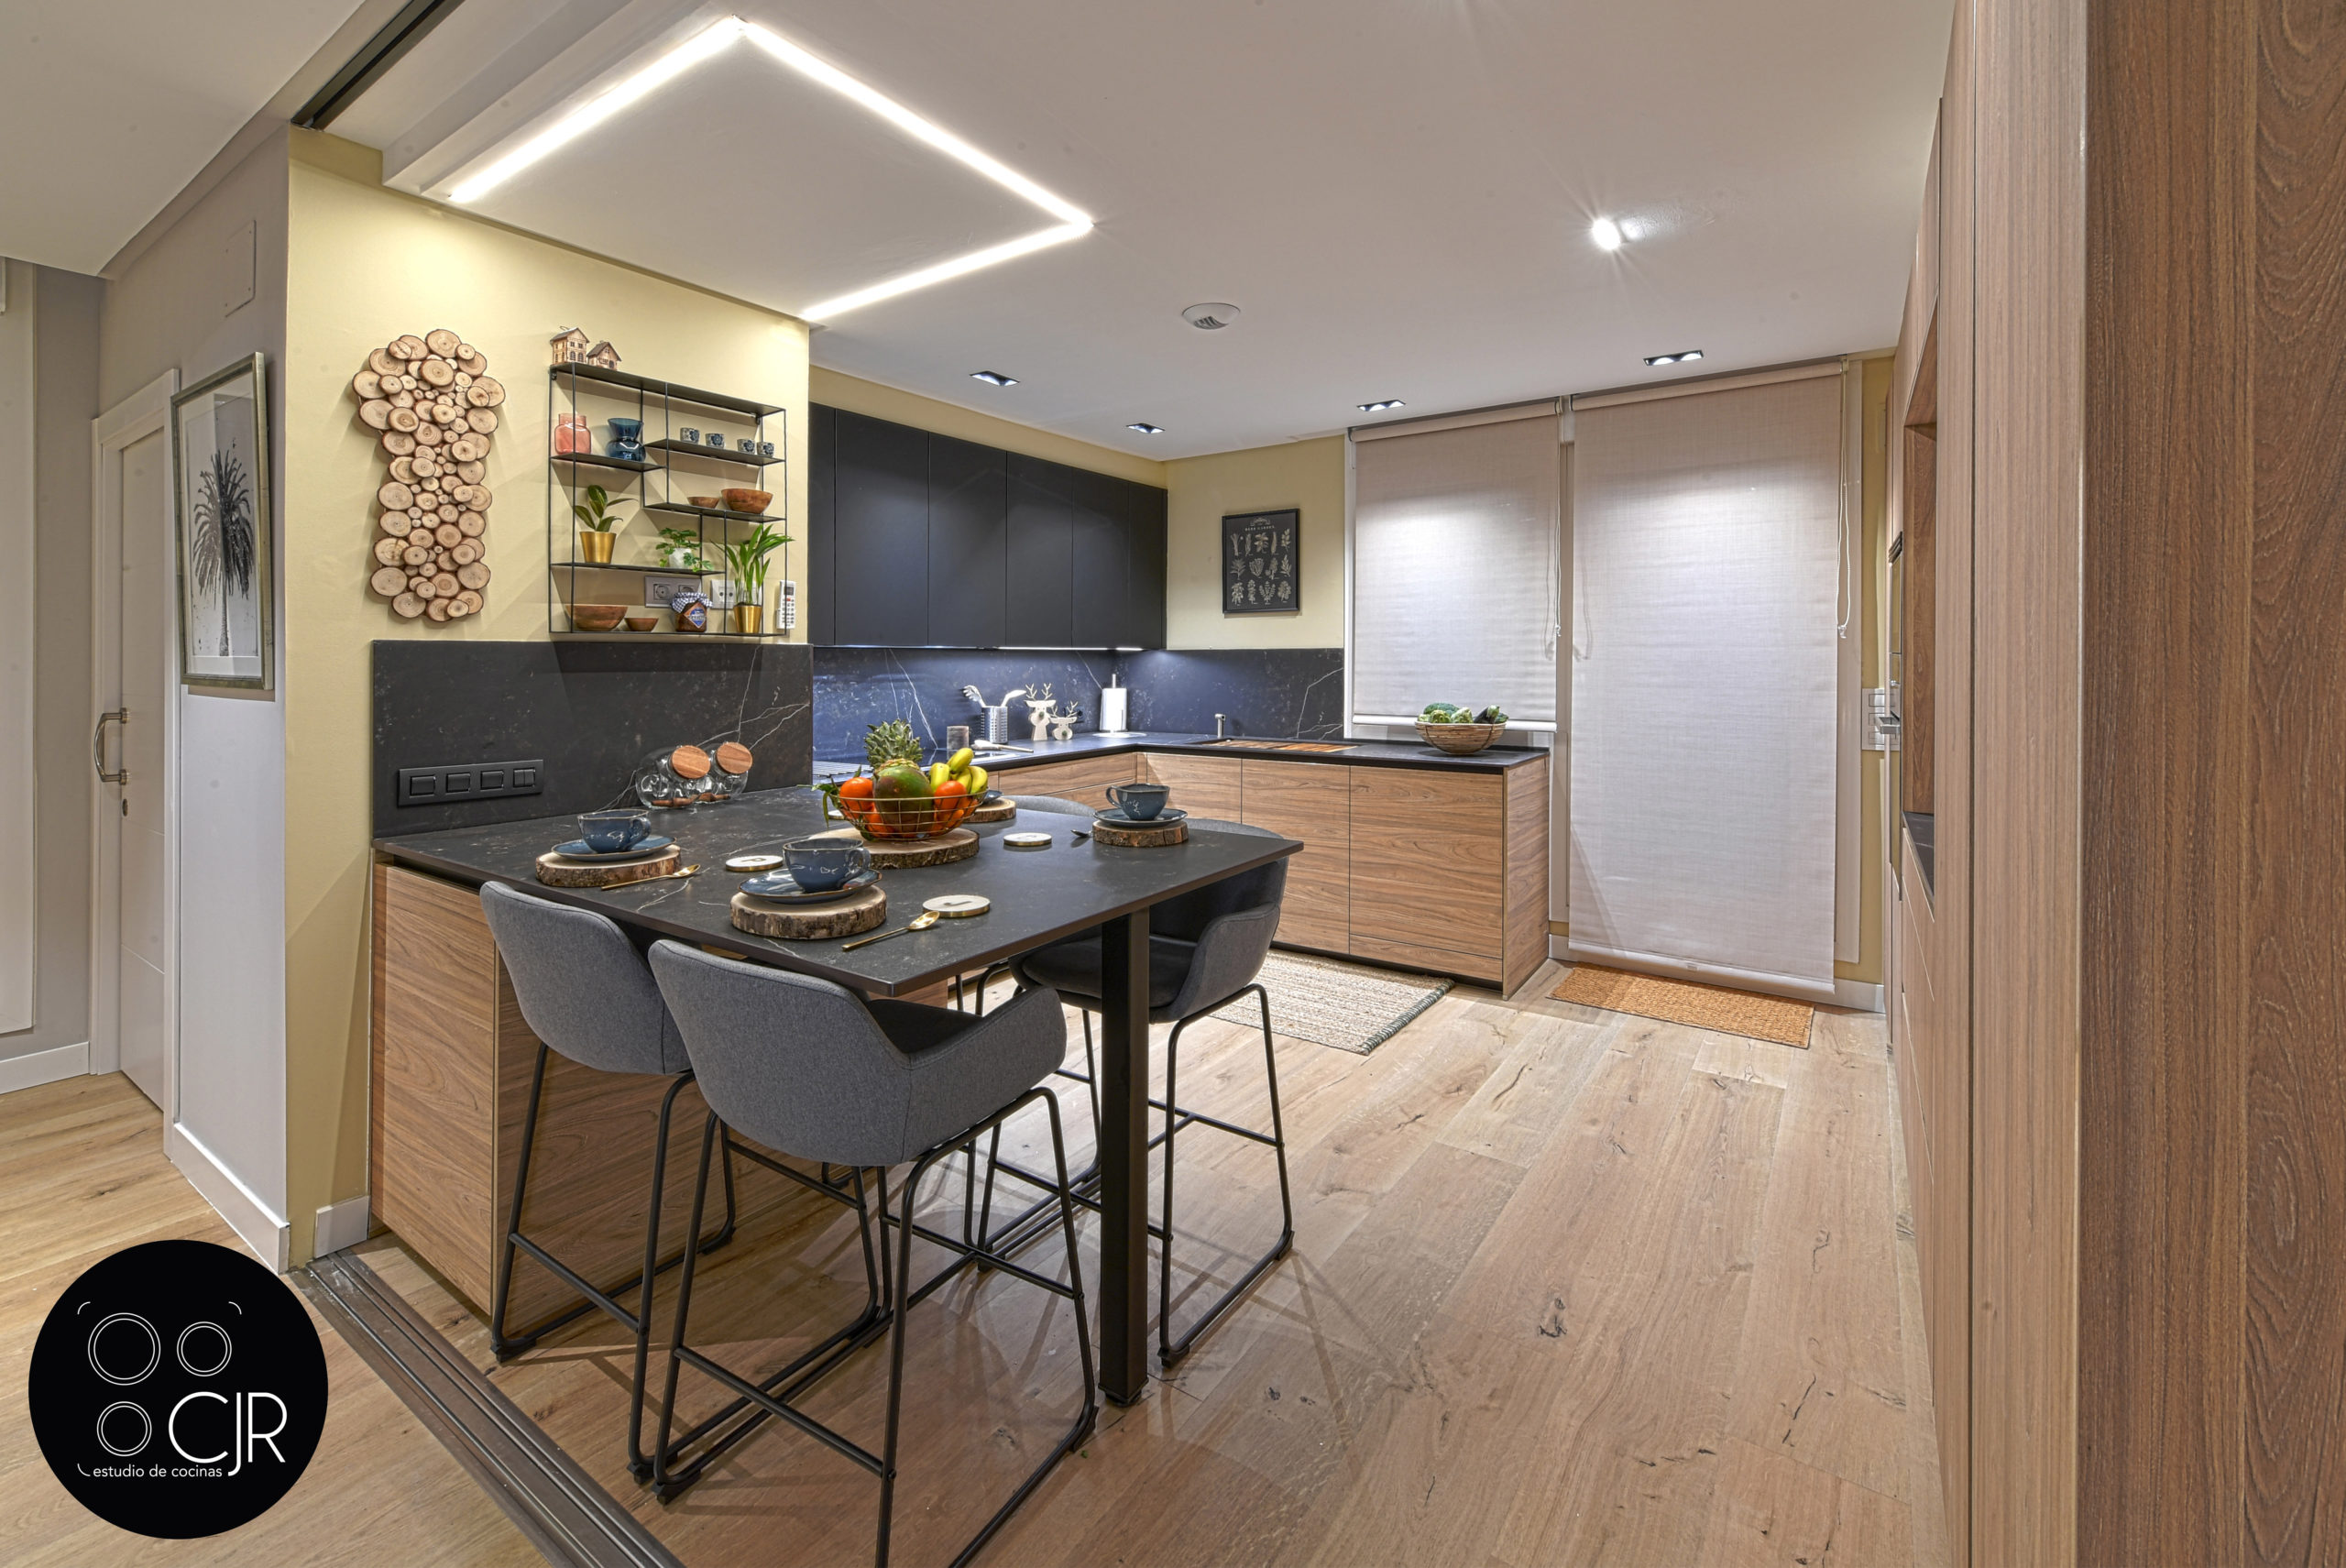 Otro angulo de visión de cocina moderna negra y madera